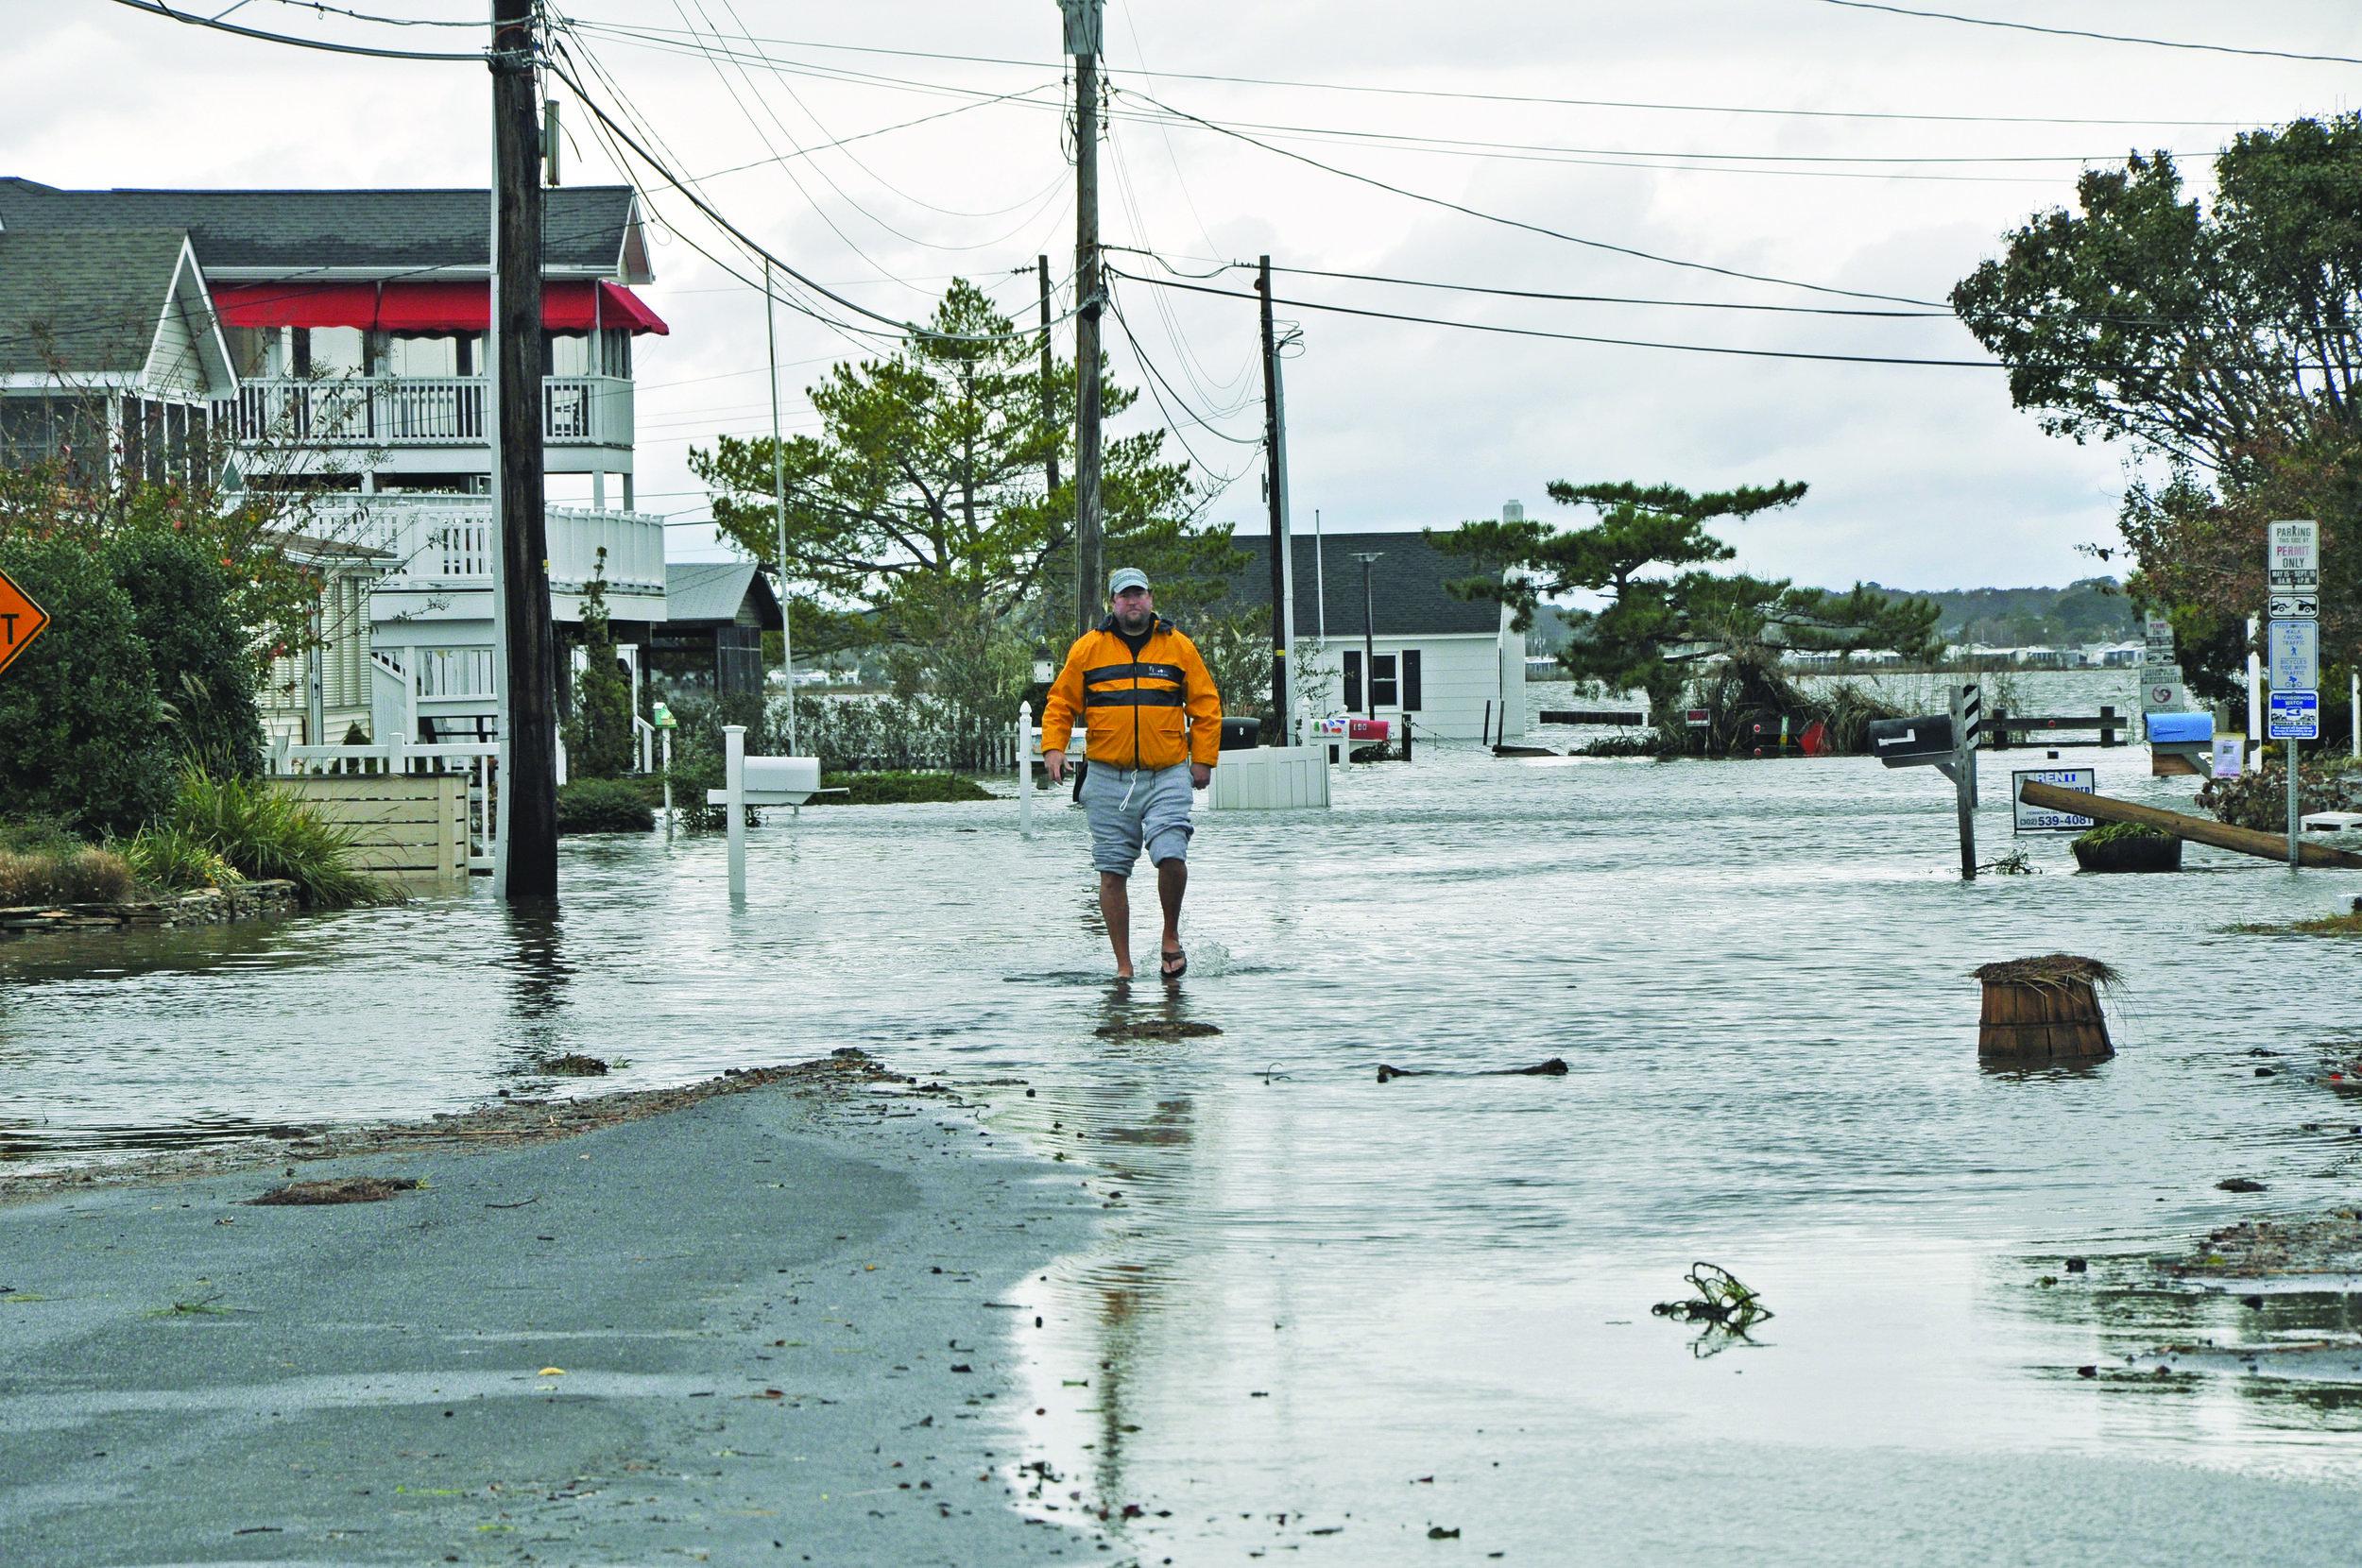 Flooding in a coastal community.